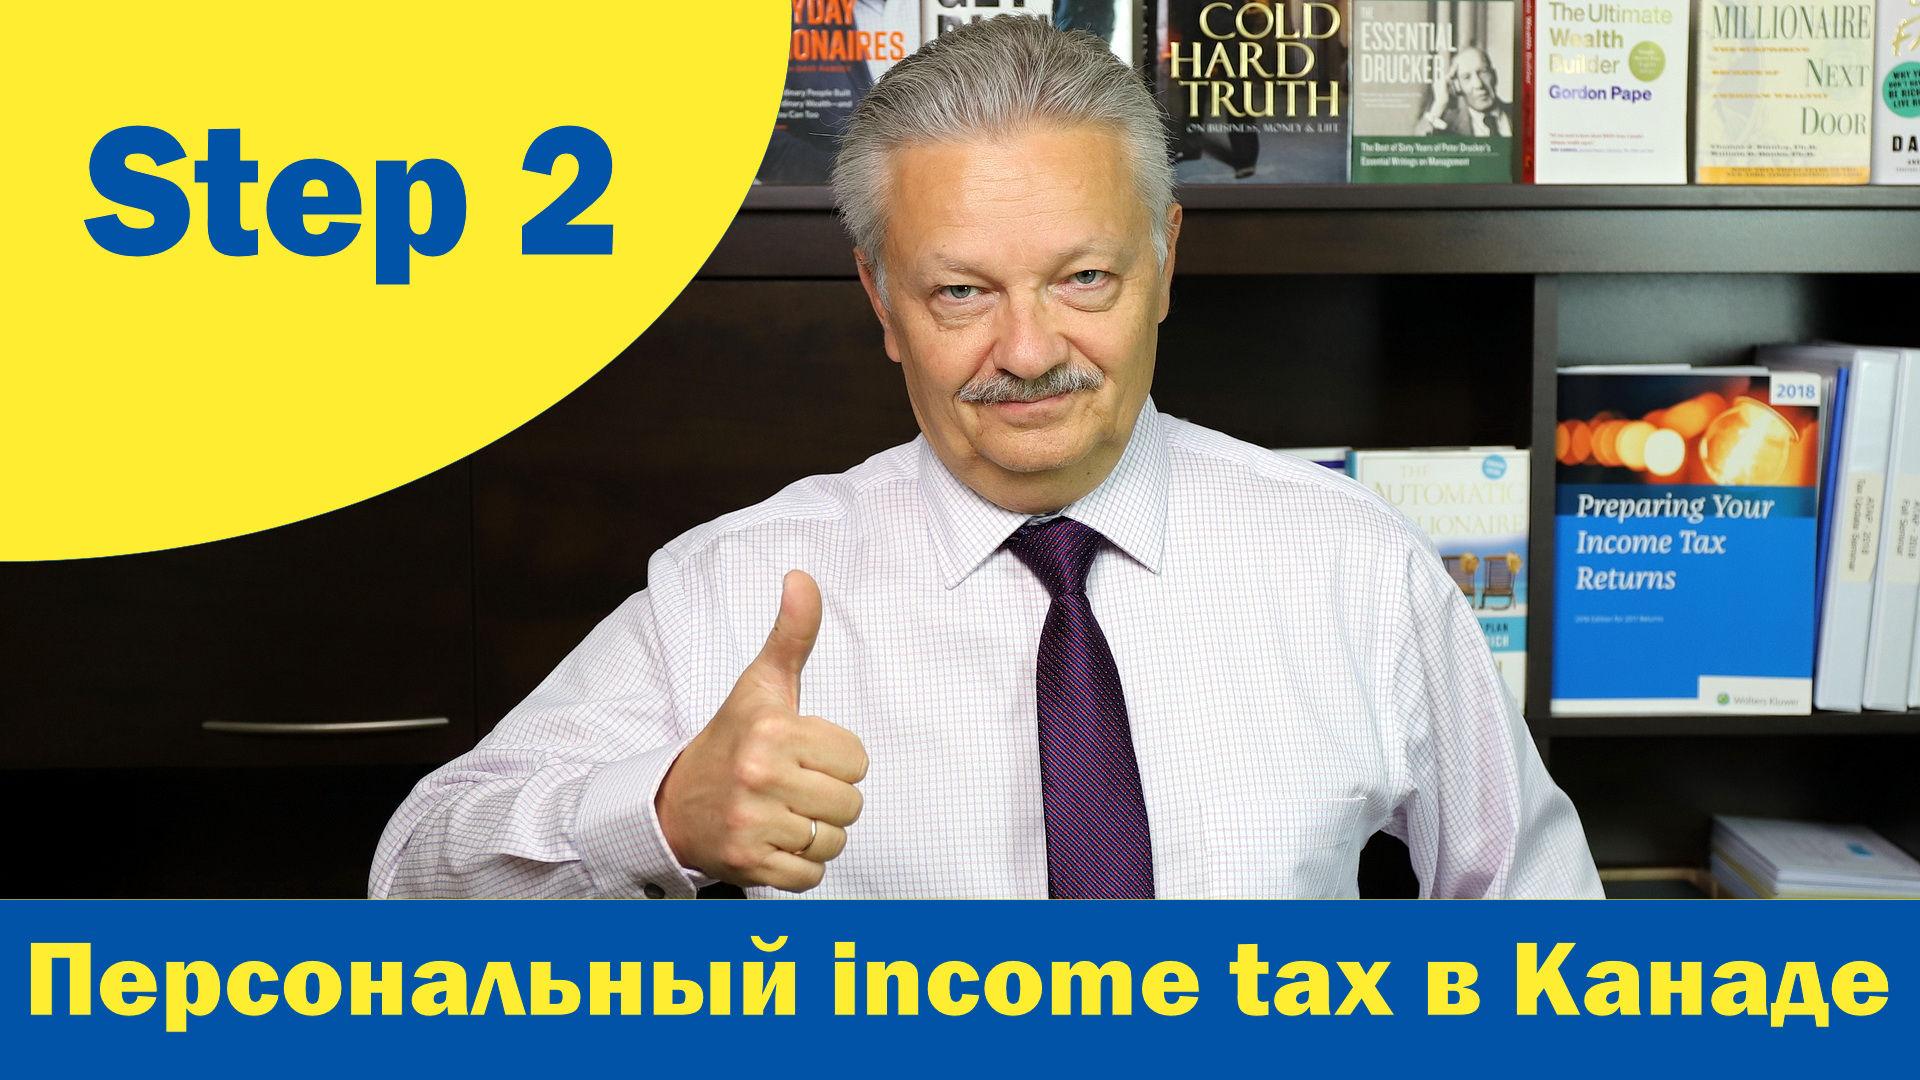 Персональная налоговая декларация в Канаде, шаг 2-й